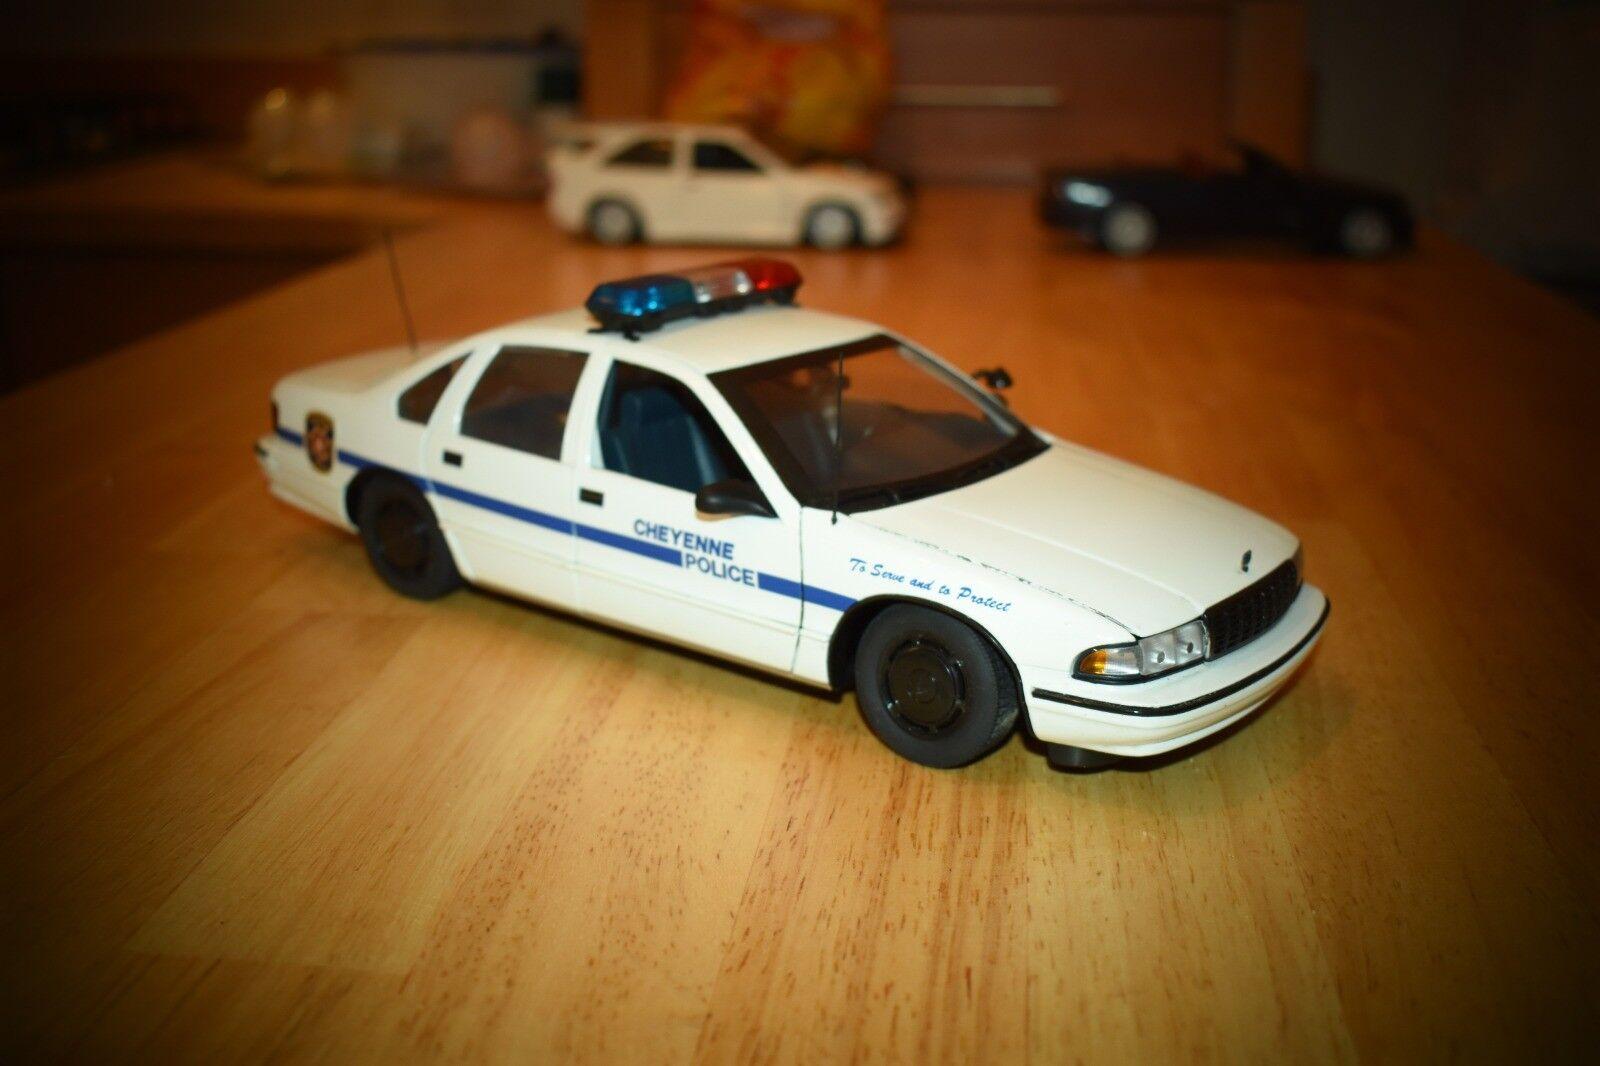 UT Models 1  18 Chevrolet Caprice police cruiser - Cheyenne PD  avec 100% de qualité et 100% de service